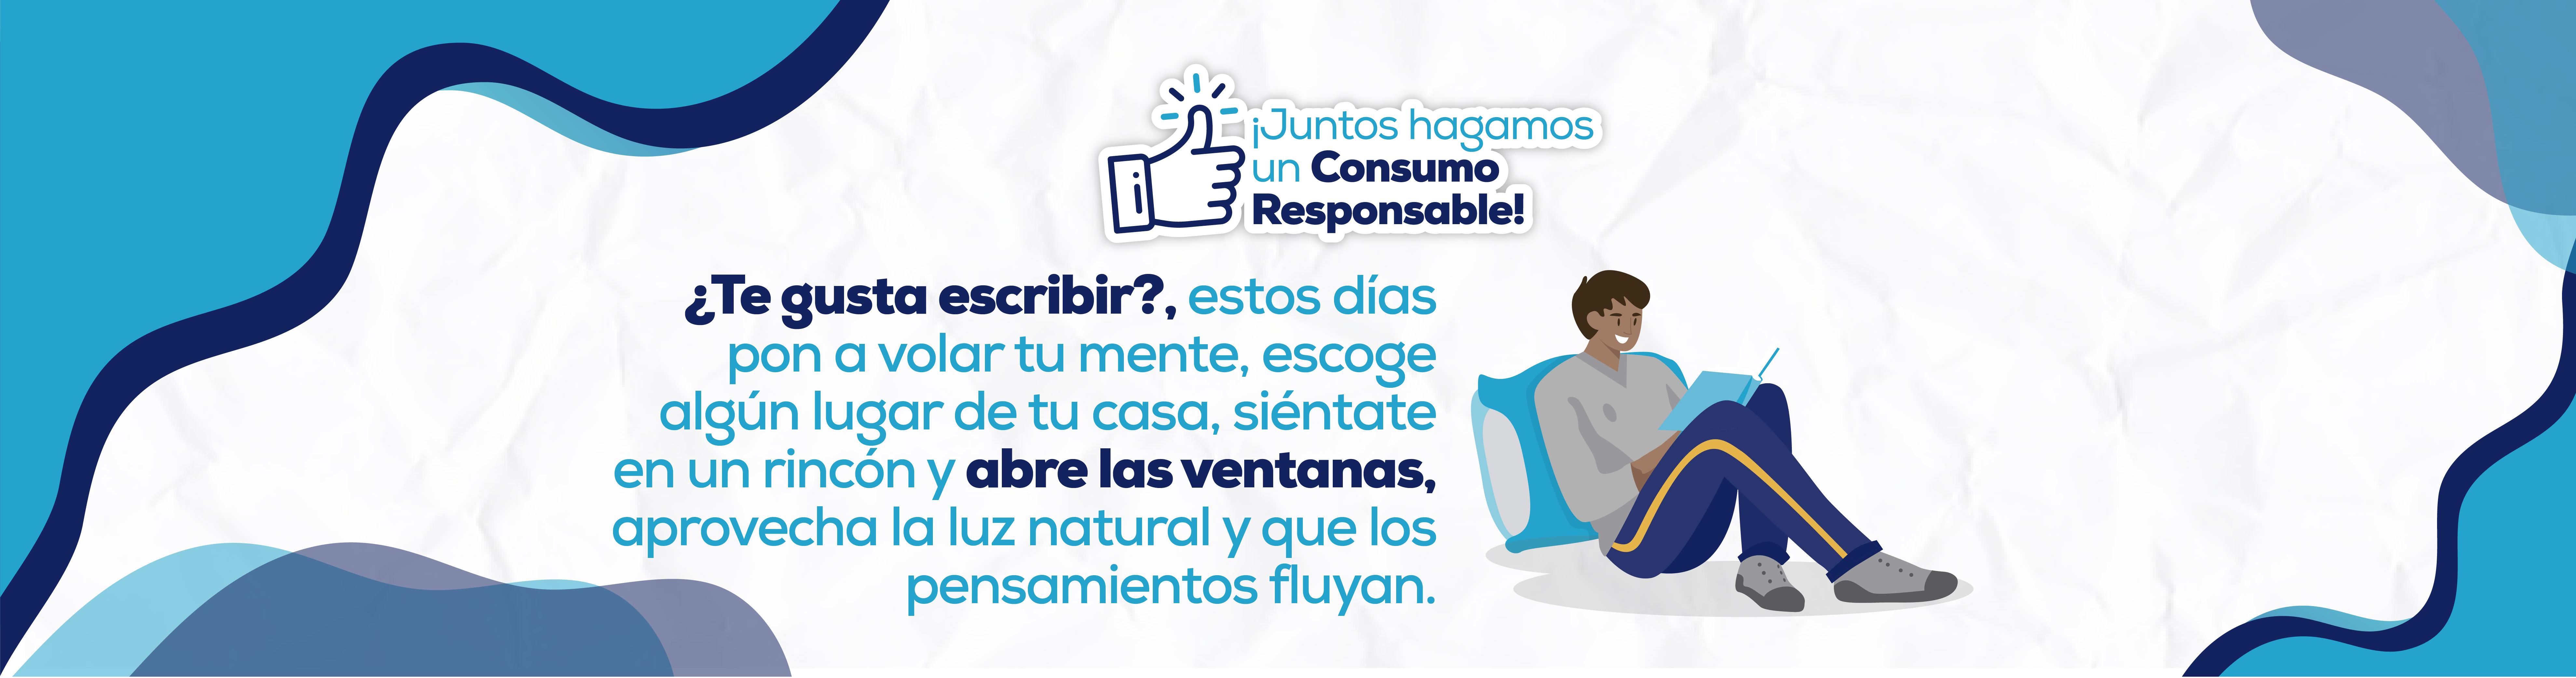 Tips Consumo Responsable #15